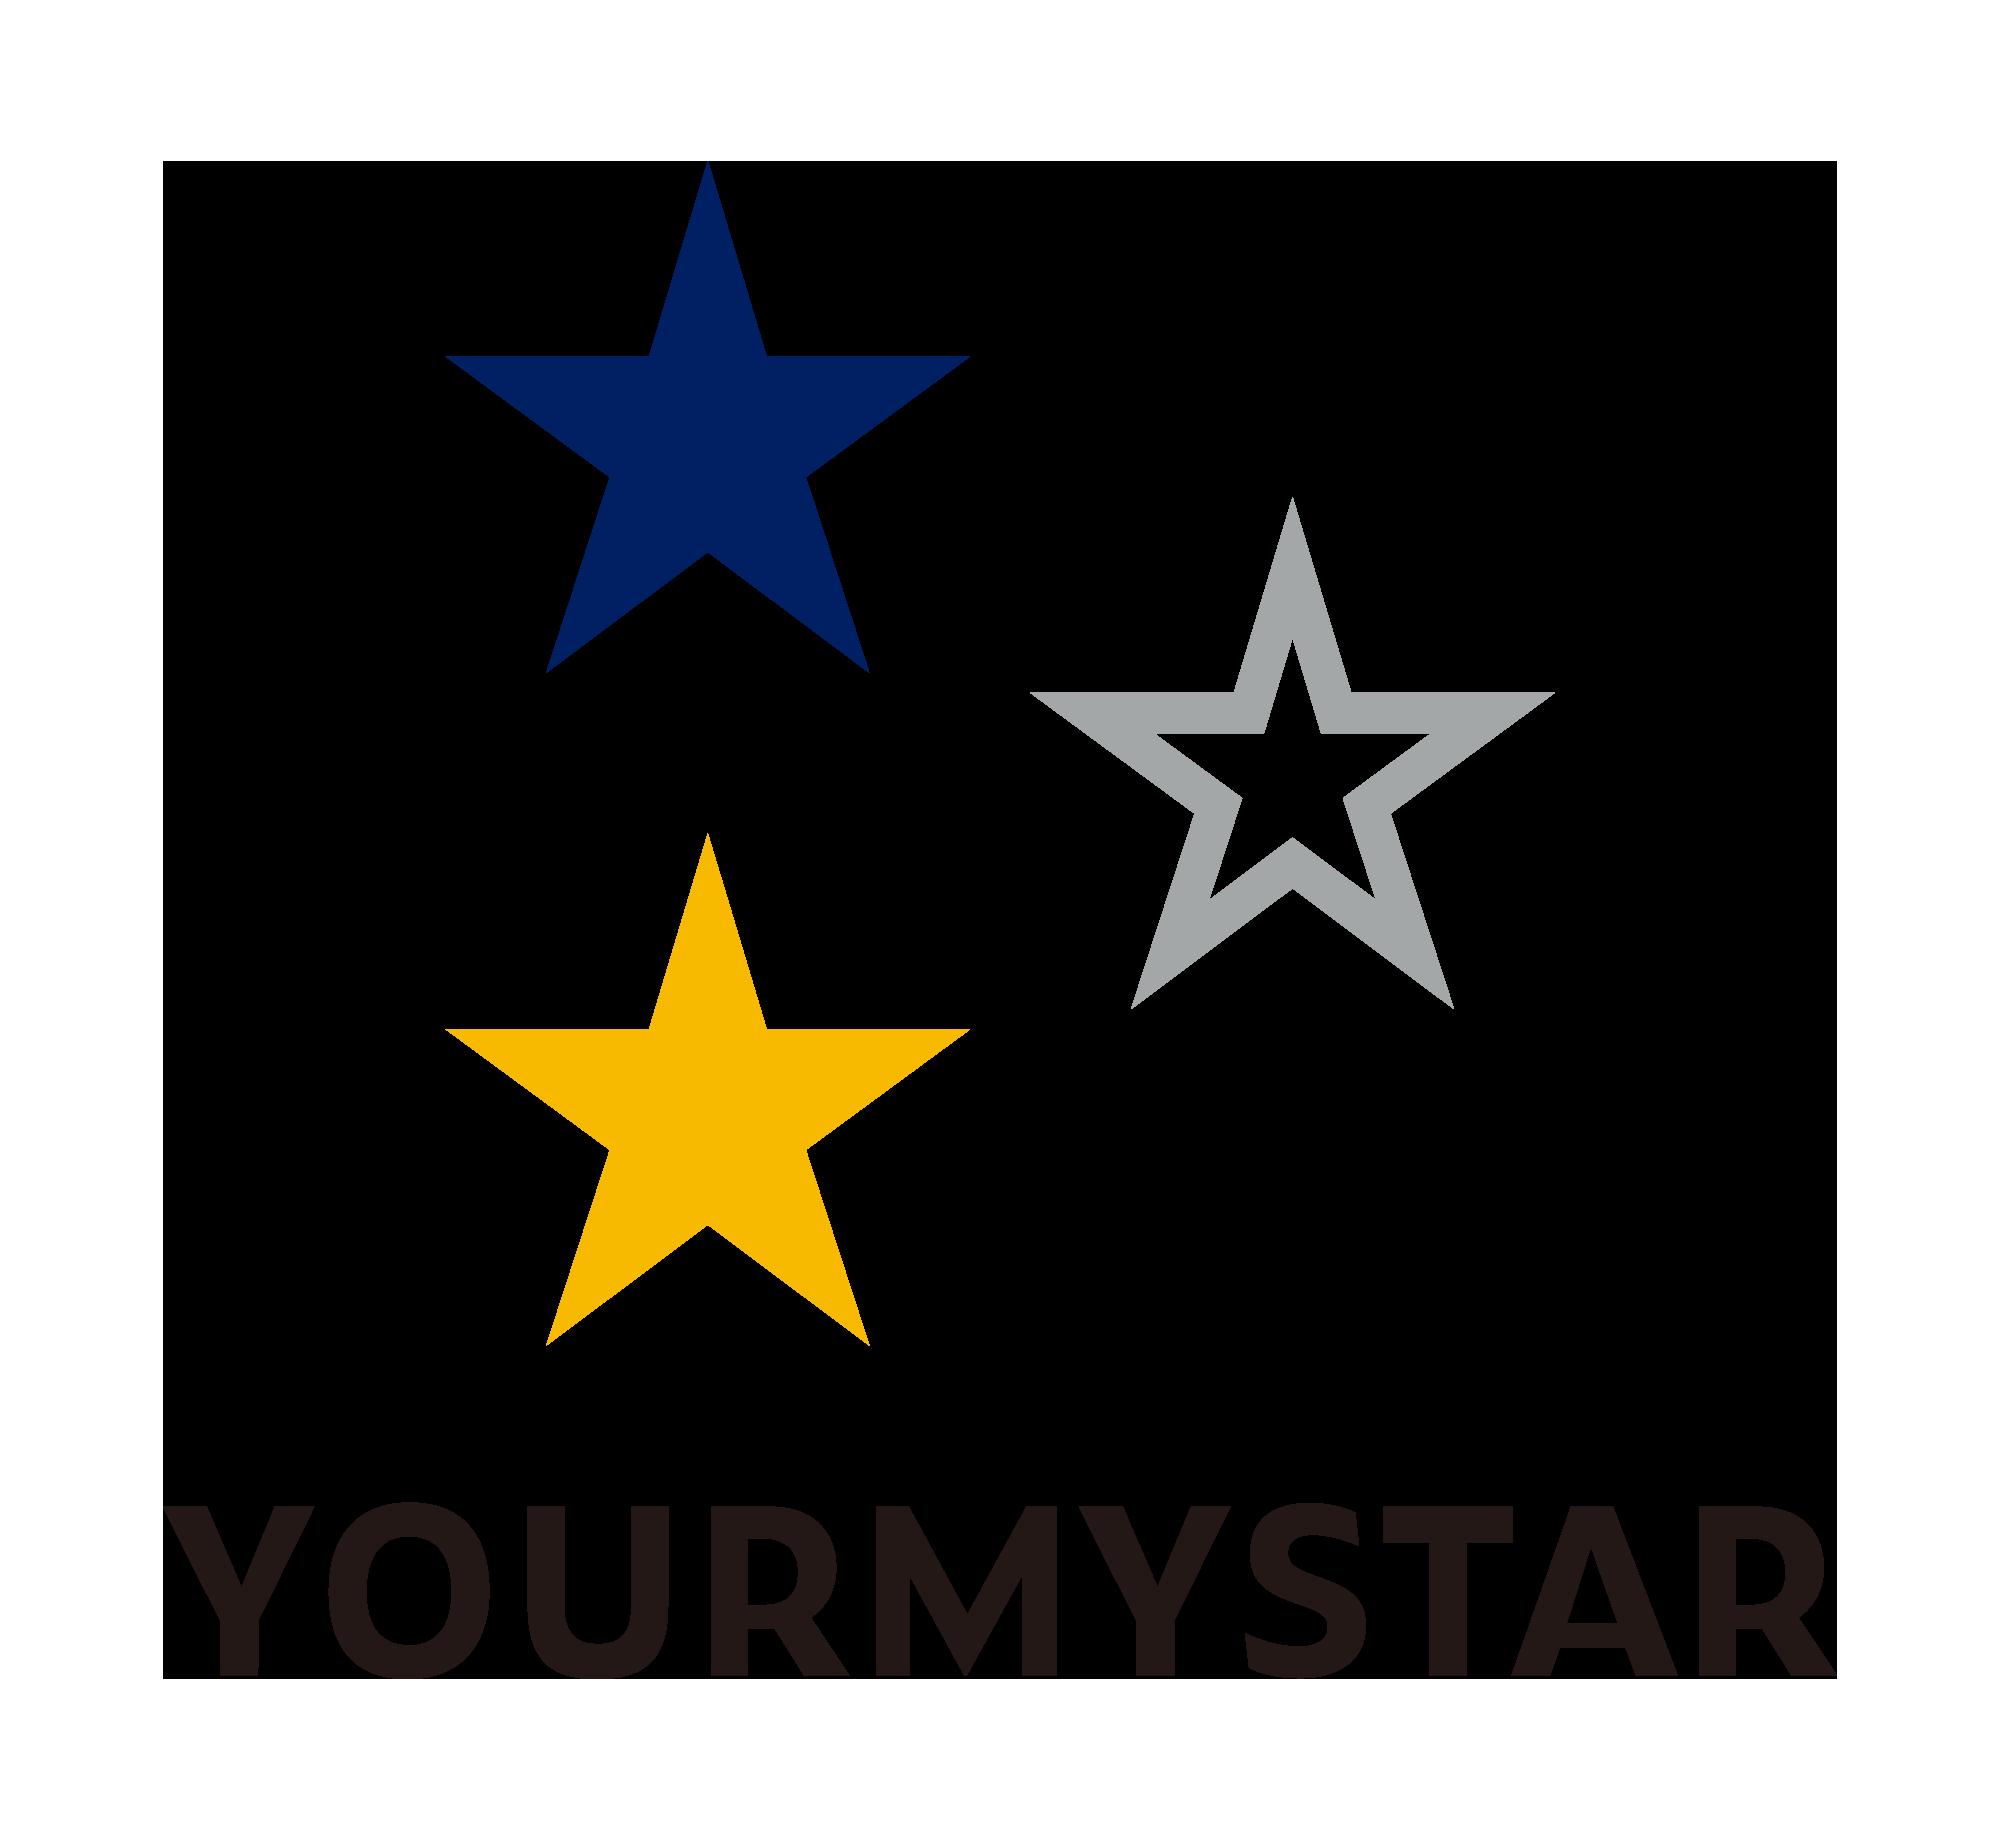 yourmystar